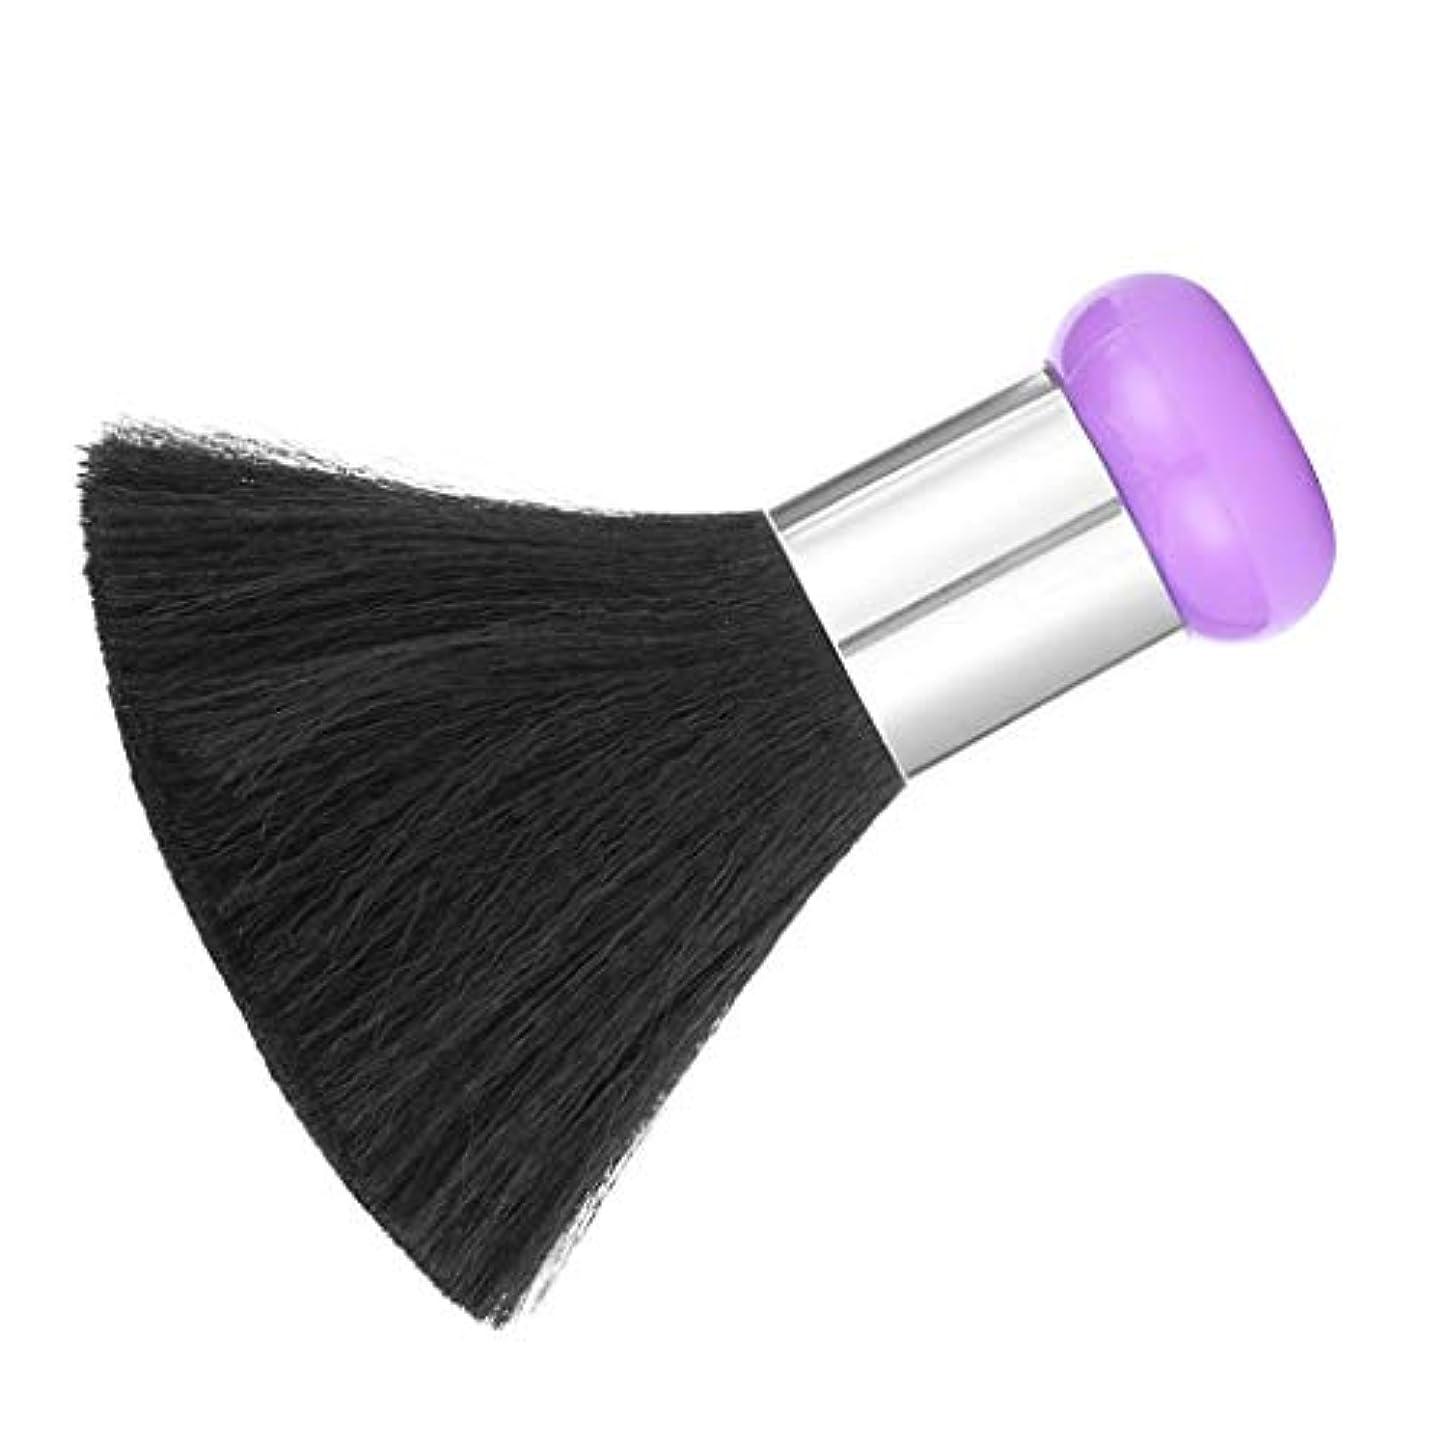 あなたはアヒルファッションヘアカットヘアカットブラシネックダスタークリーニングヘアブラシサロンバーバーツール - 紫